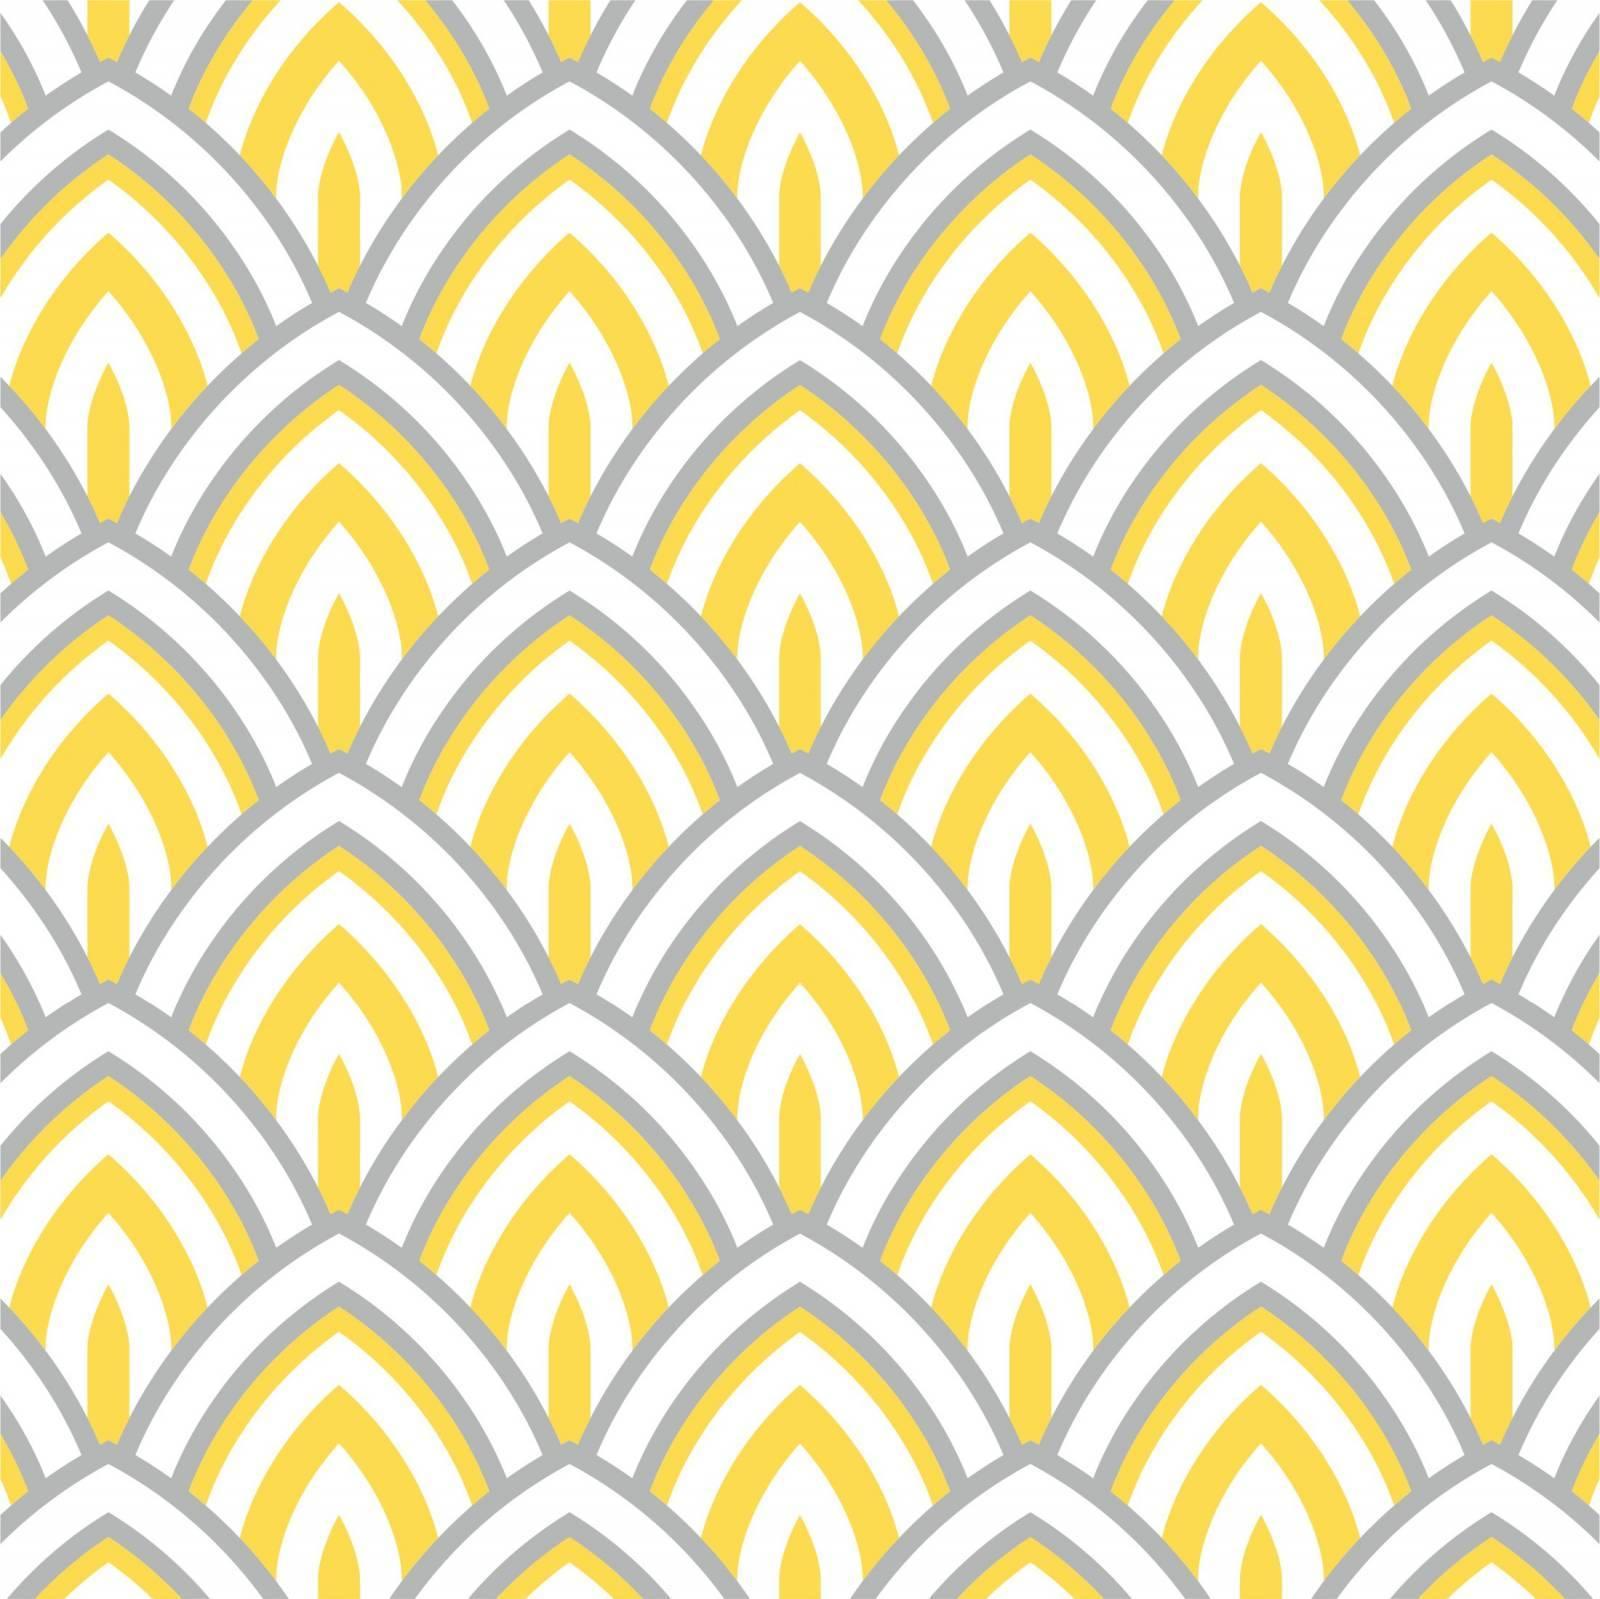 Papel de Parede Geométrico Amarelo  imagem 1